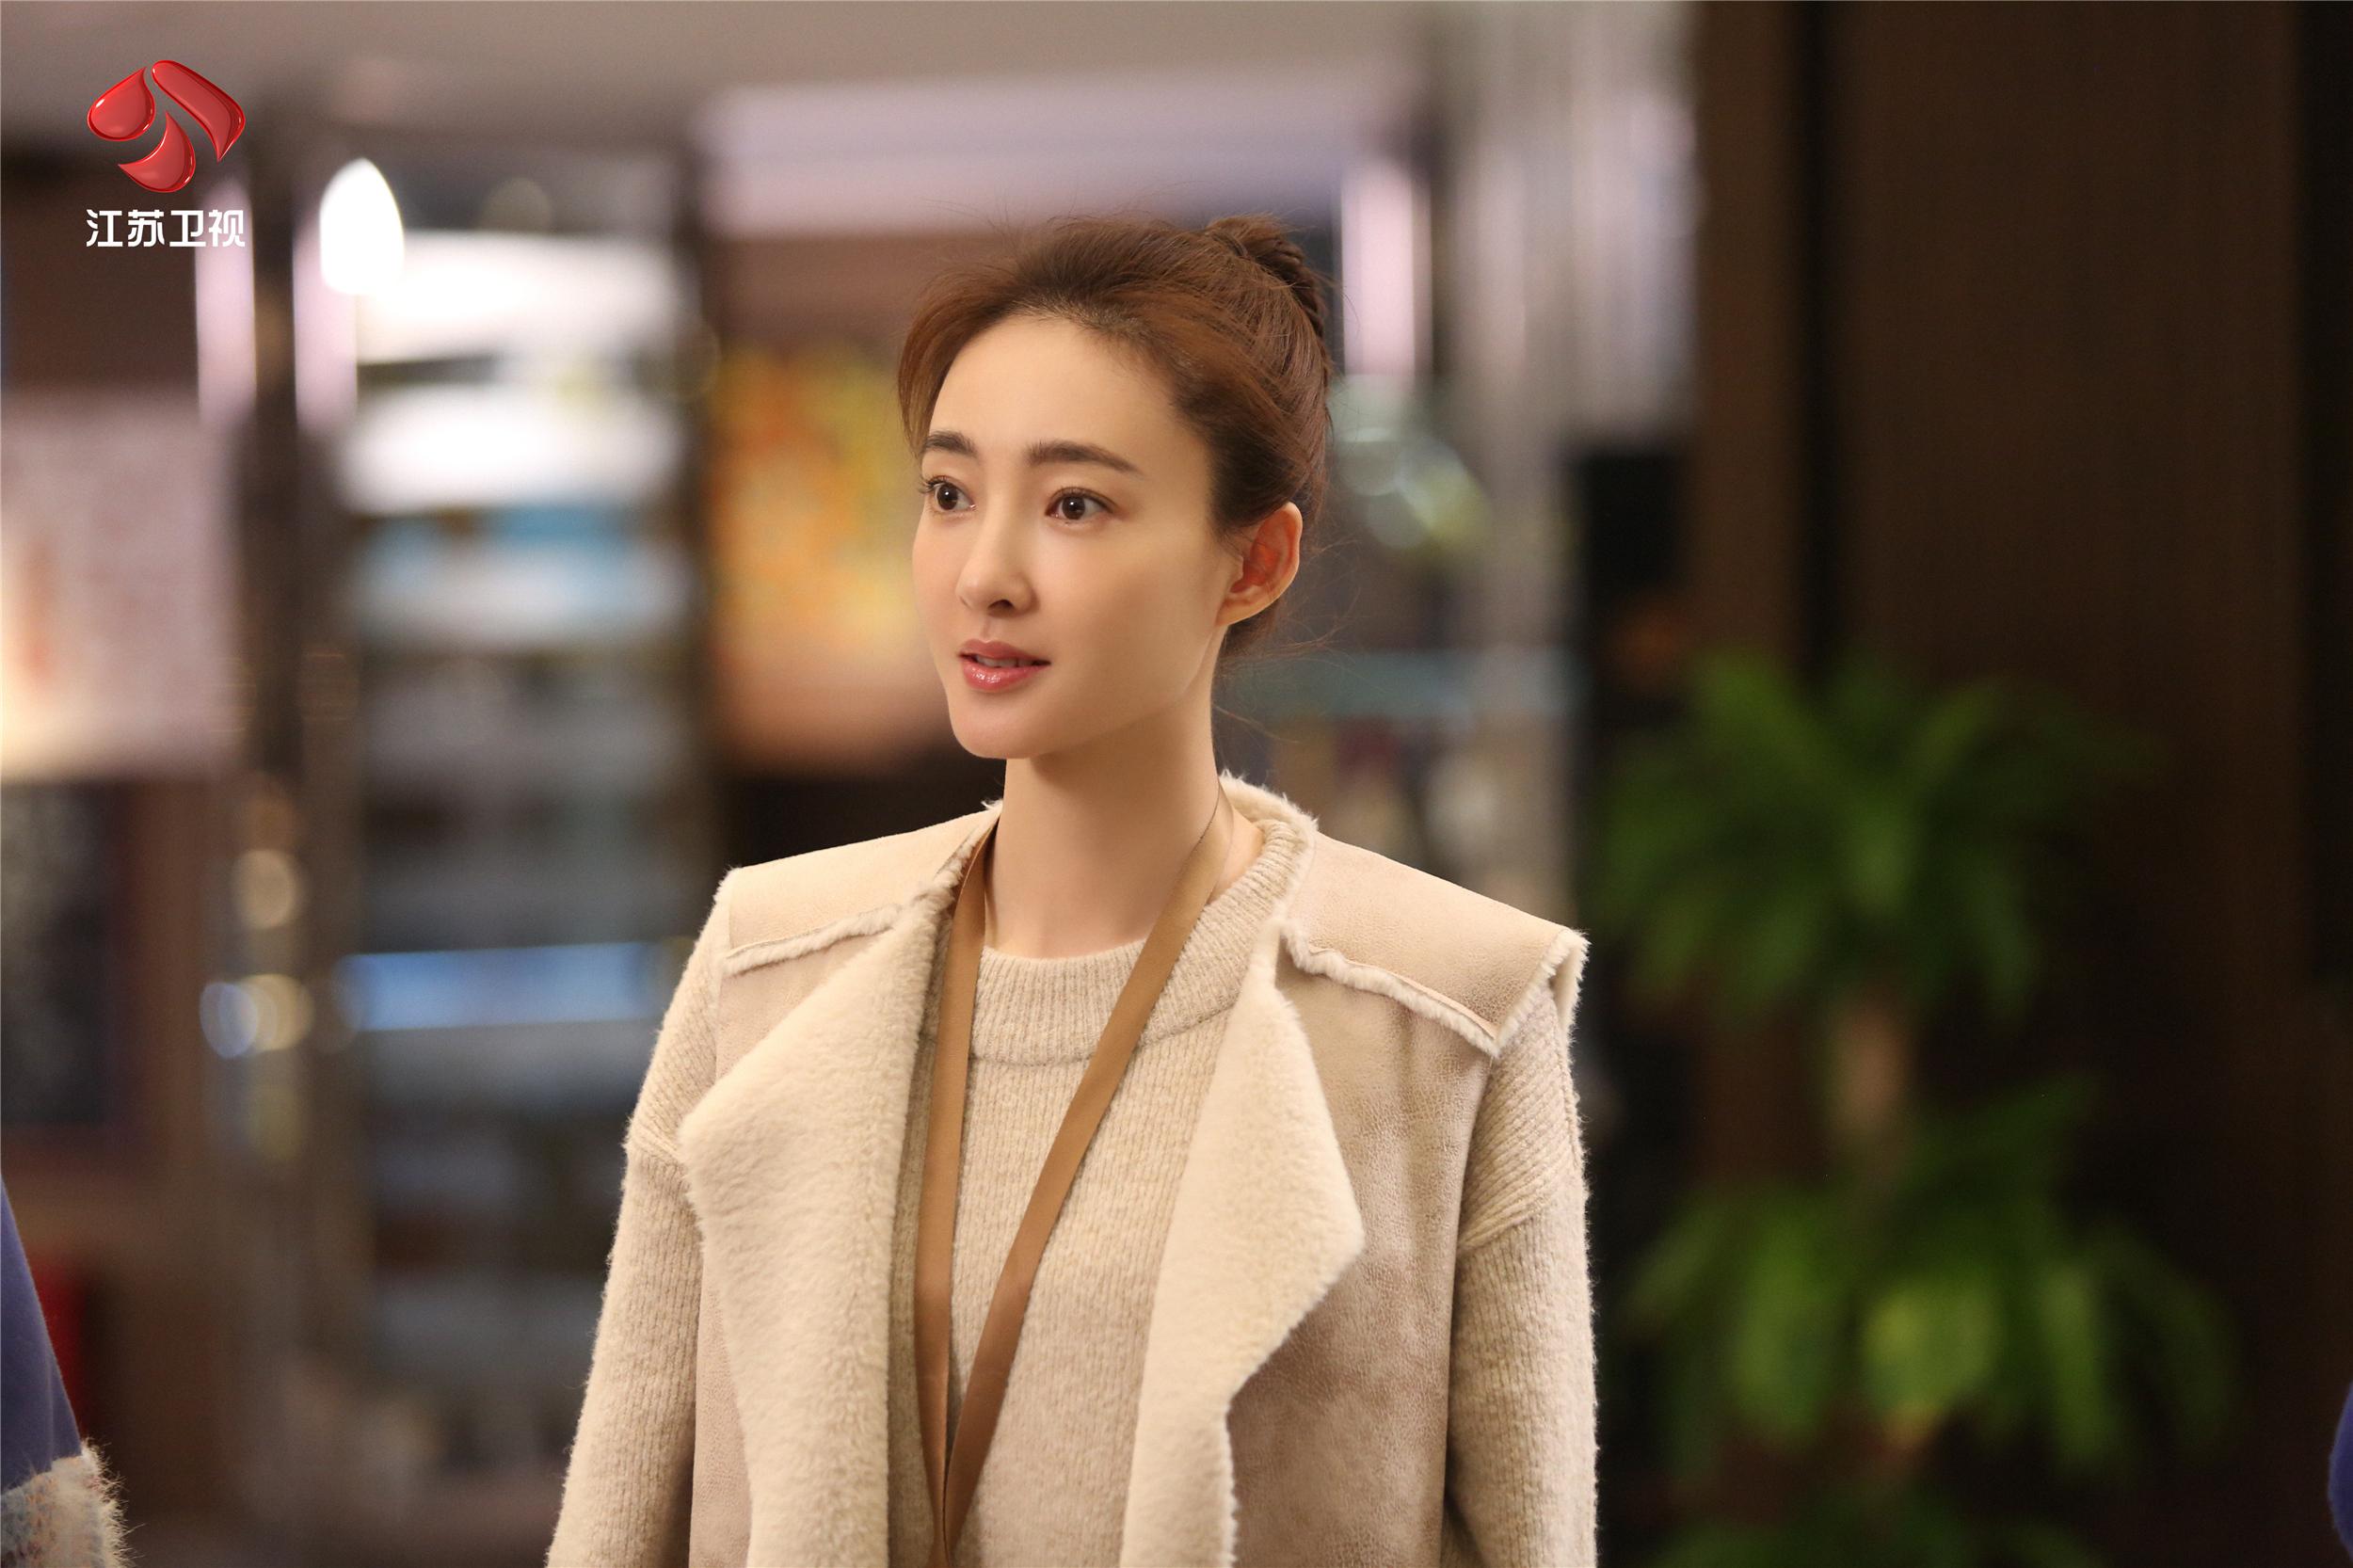 王丽坤在剧中是温暖坚强的存在。